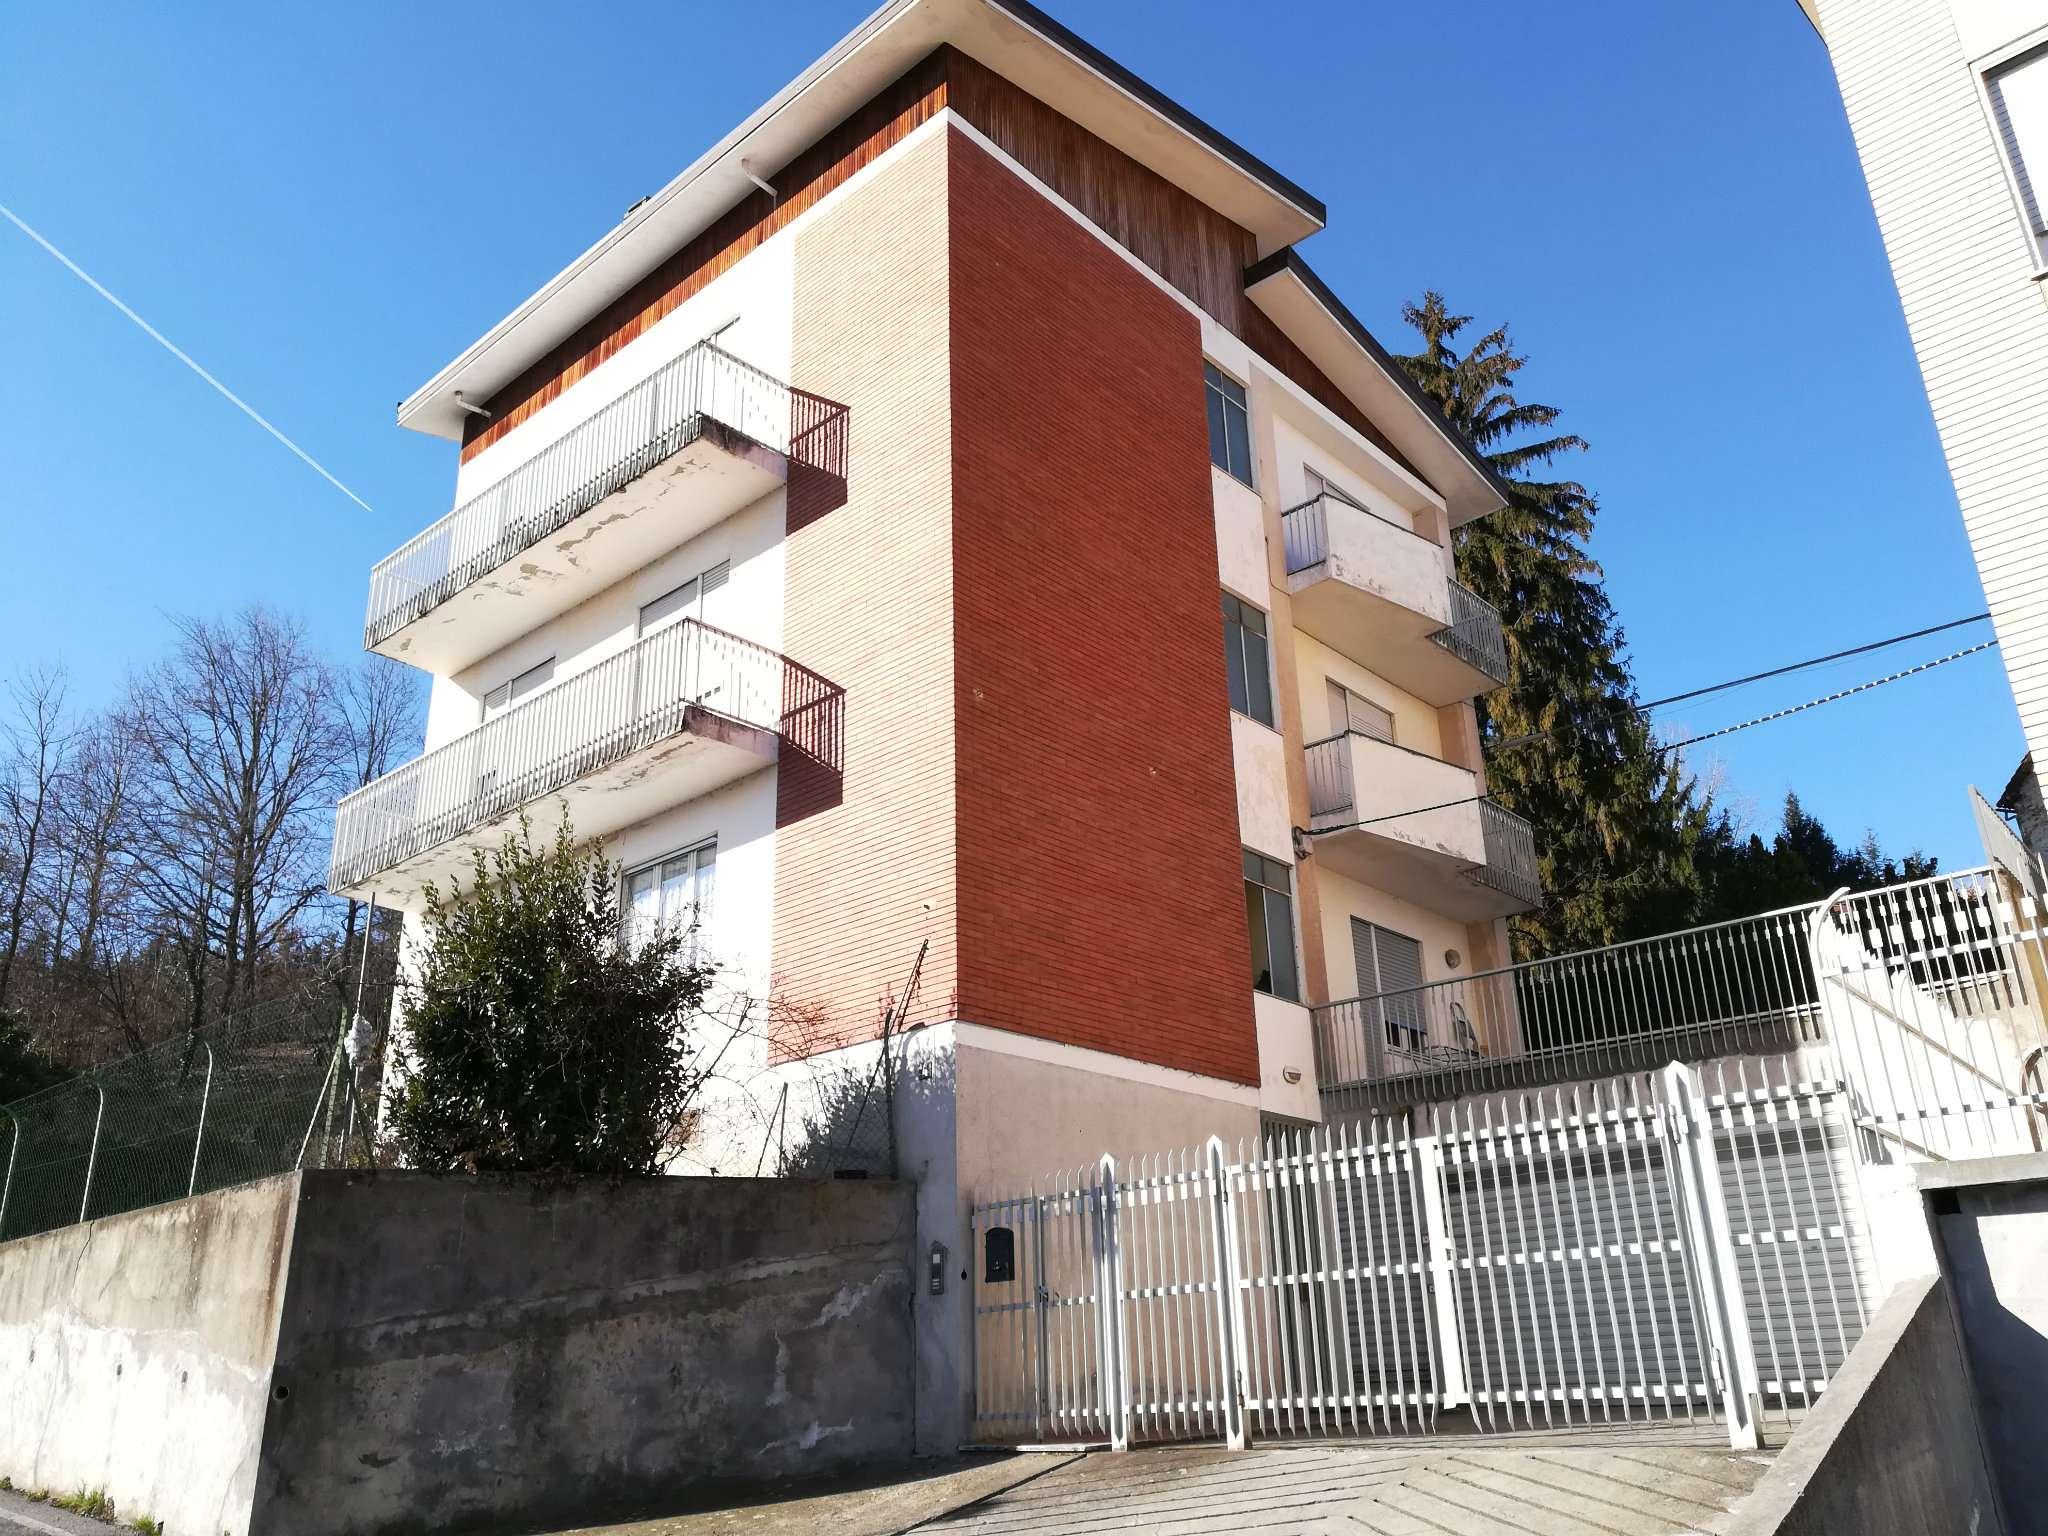 Soluzione Indipendente in vendita a Mondovì, 30 locali, prezzo € 230.000 | CambioCasa.it